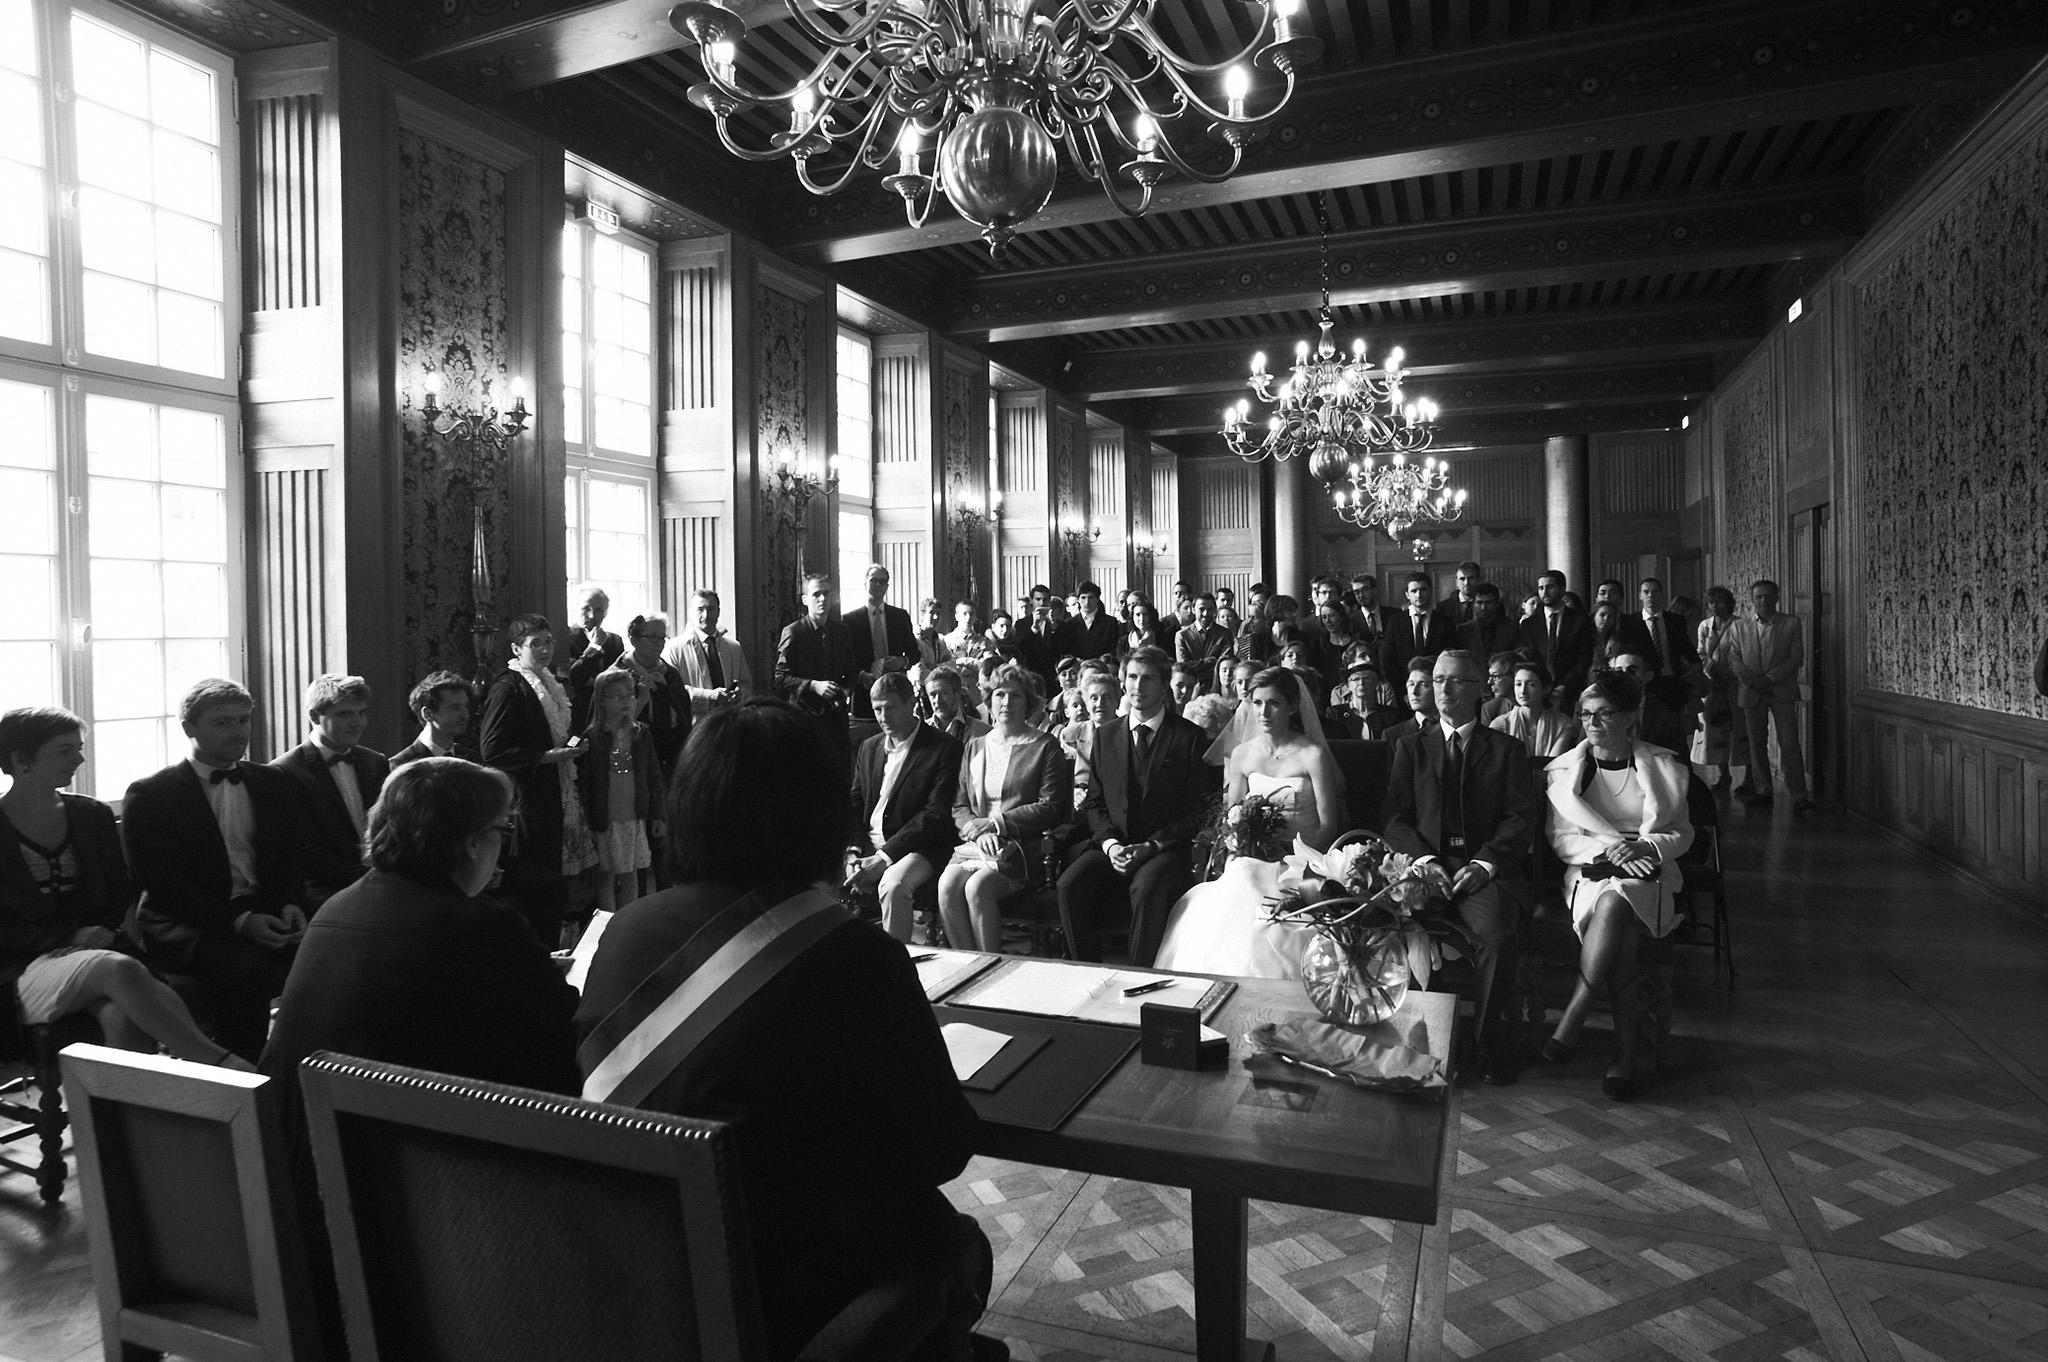 photographie de mariage ceremonie nantes rennes vannes angers - rudy burbant